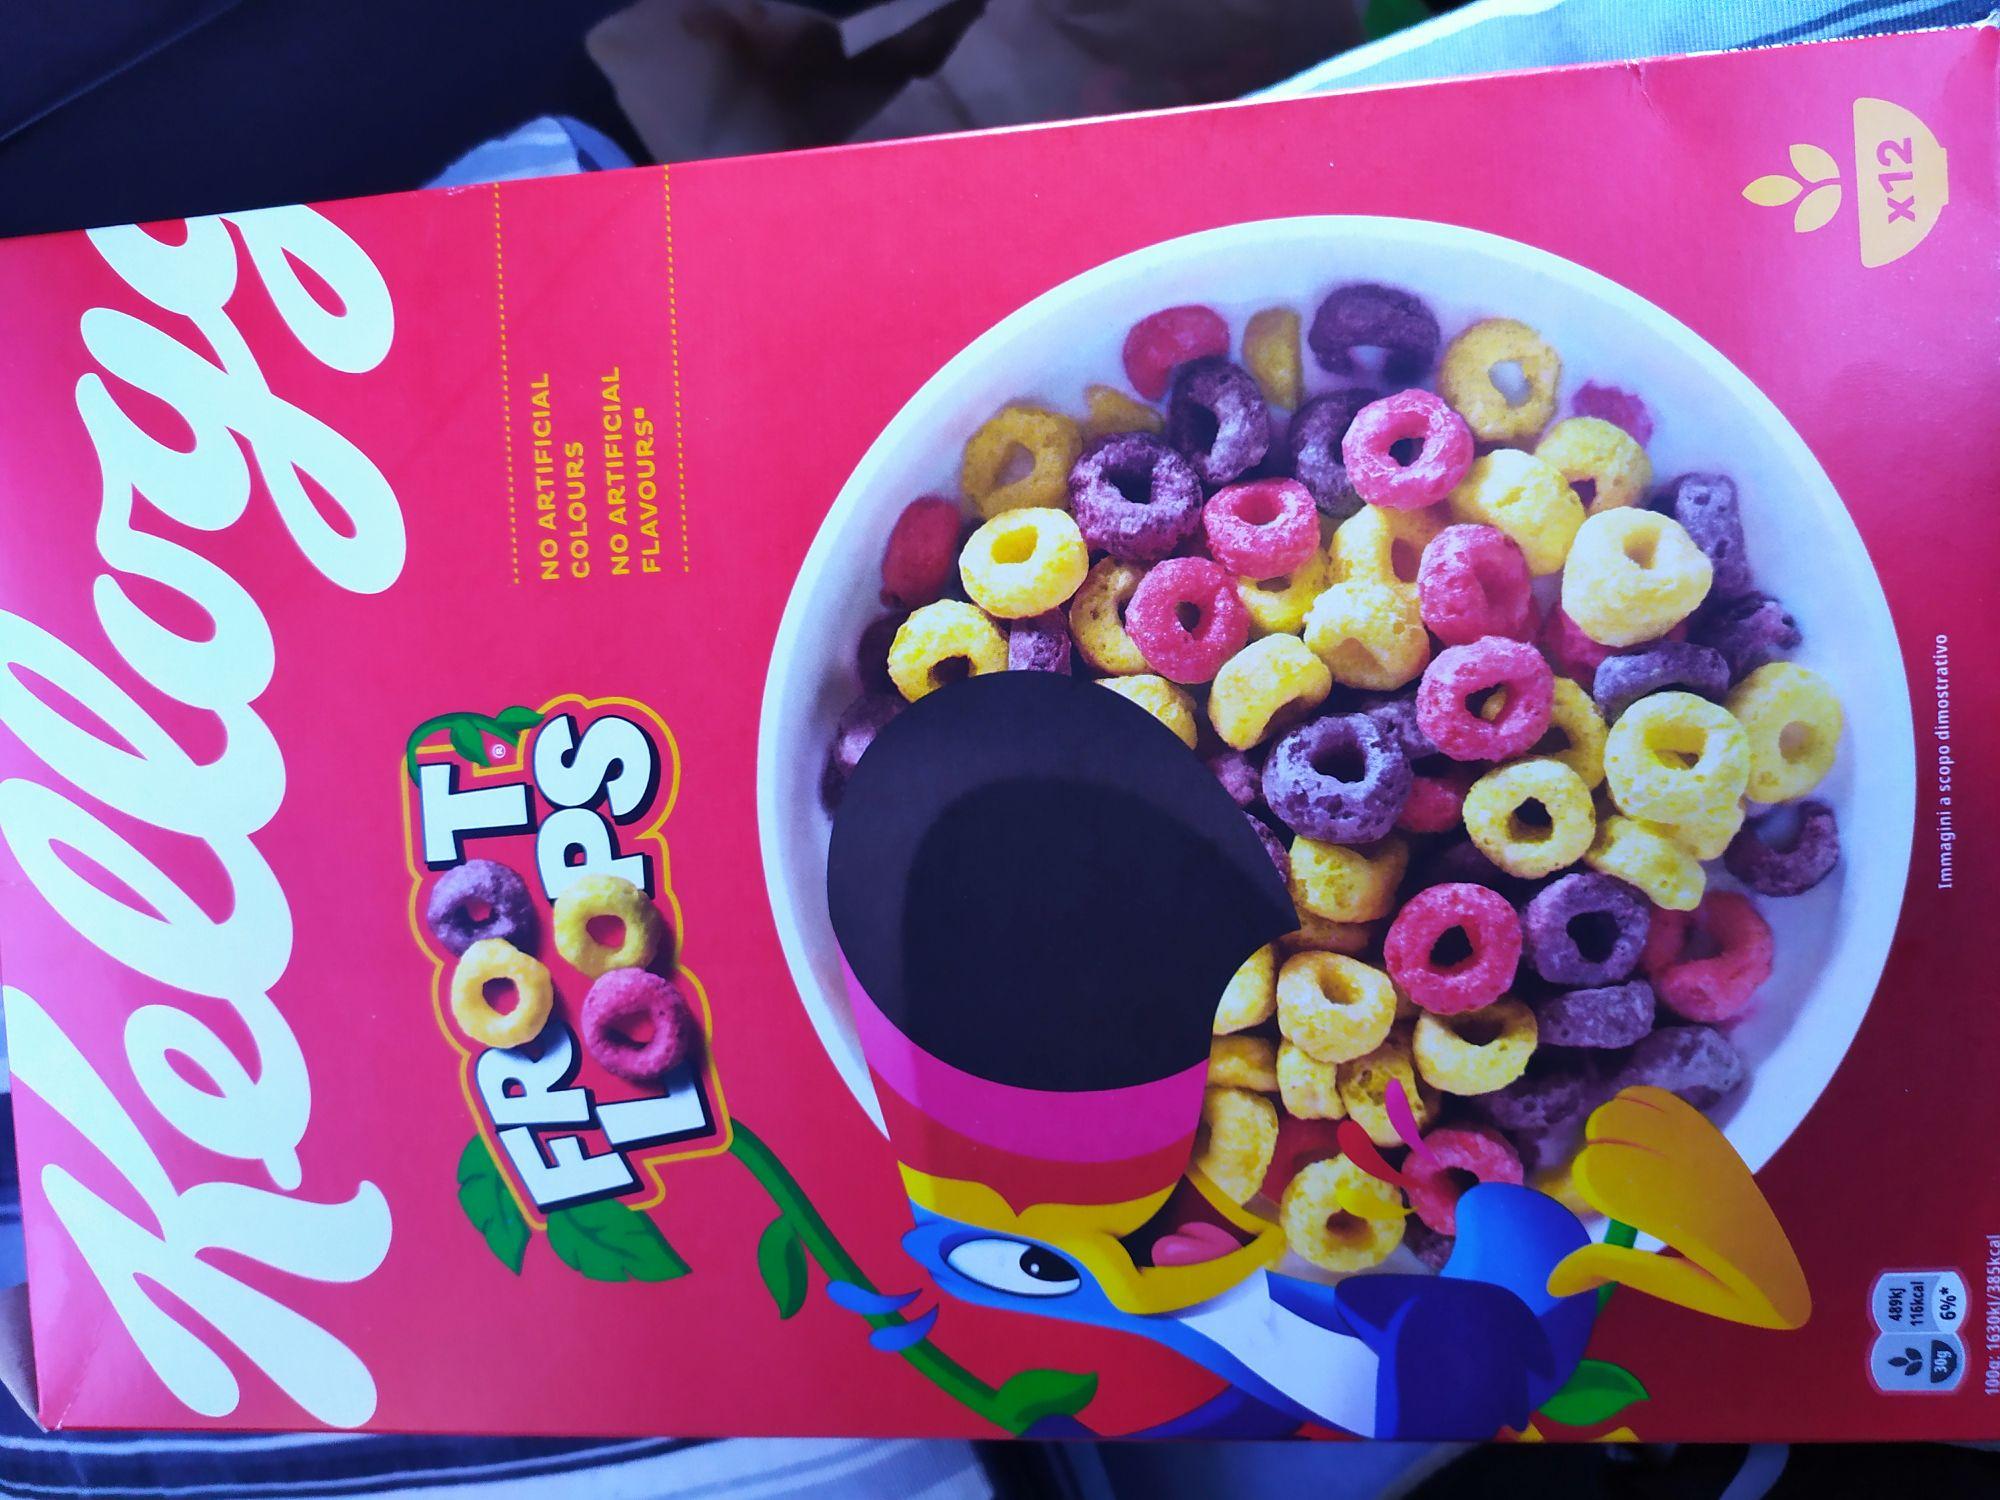 Cereales froot loops en dealz en tienda de Pinatar park murcia